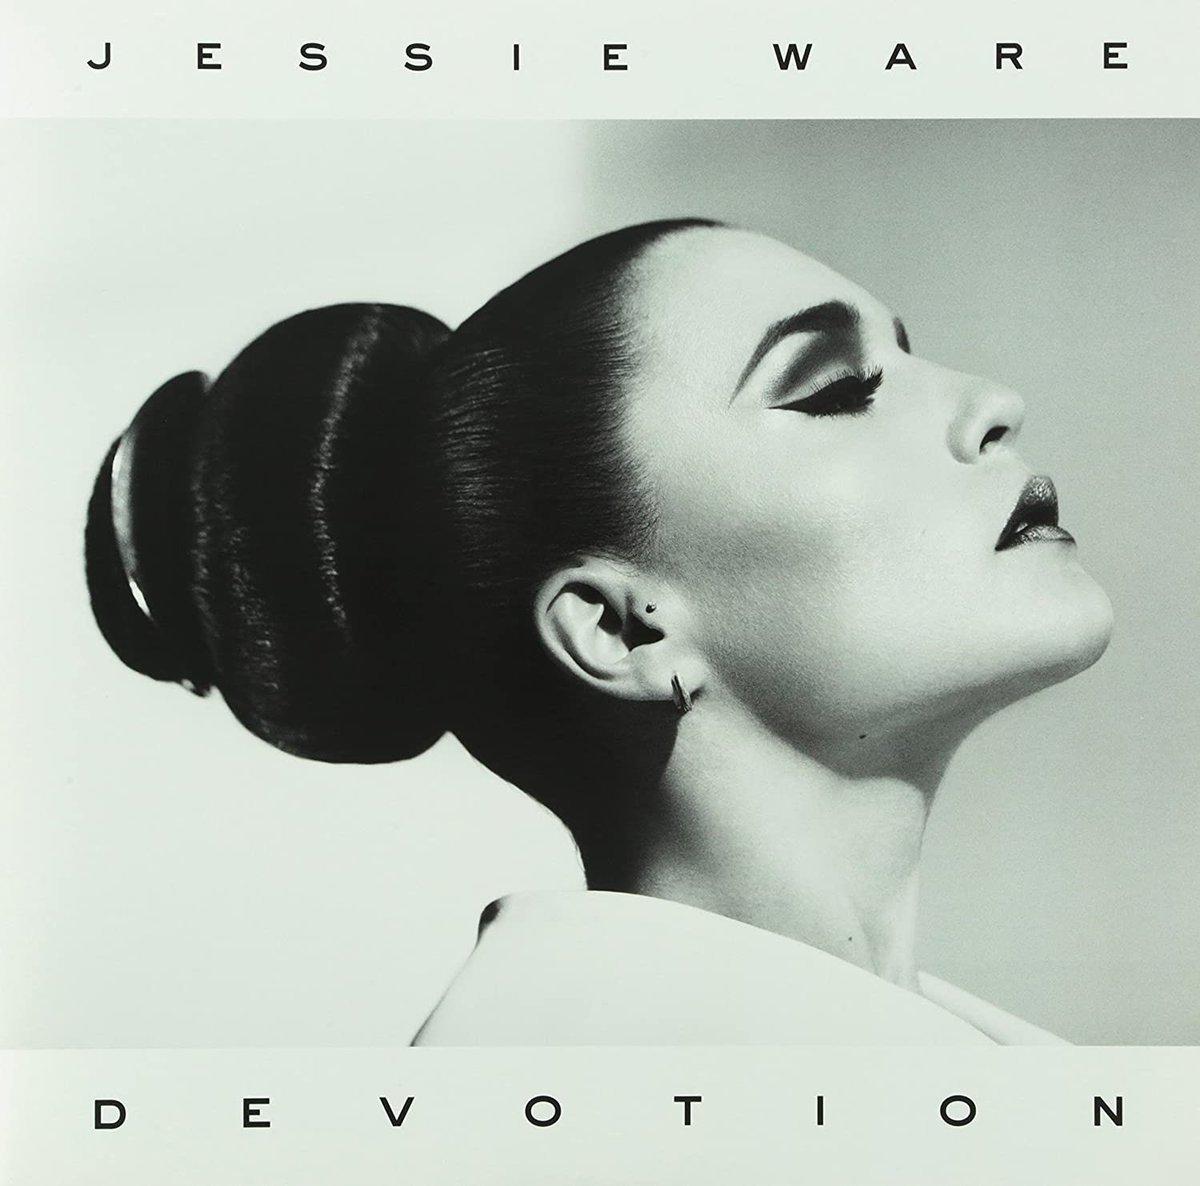 Devotion - Jessie Ware   #AlbumOfTheDay #AOTD #Devotion #JessieWare w/ @andreasiracusa_